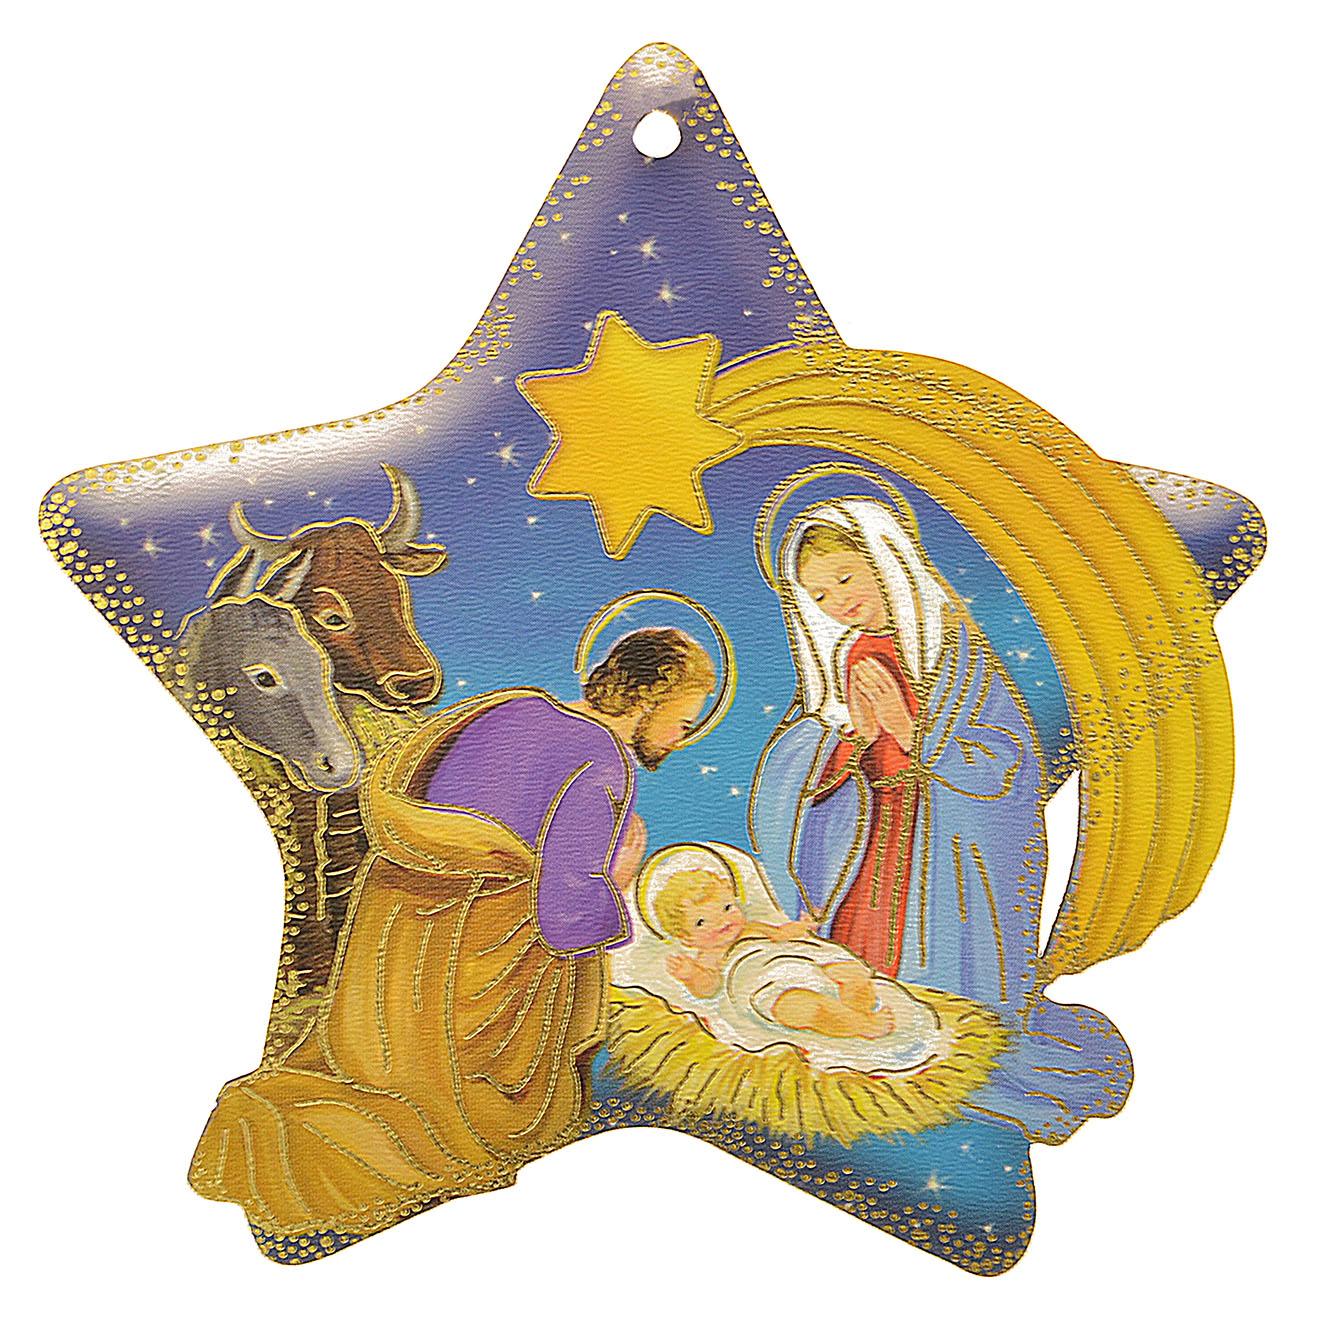 Immagini Religiose Di Natale.Addobbi Per Albero Di Natale Articoli Religiosi Eventi